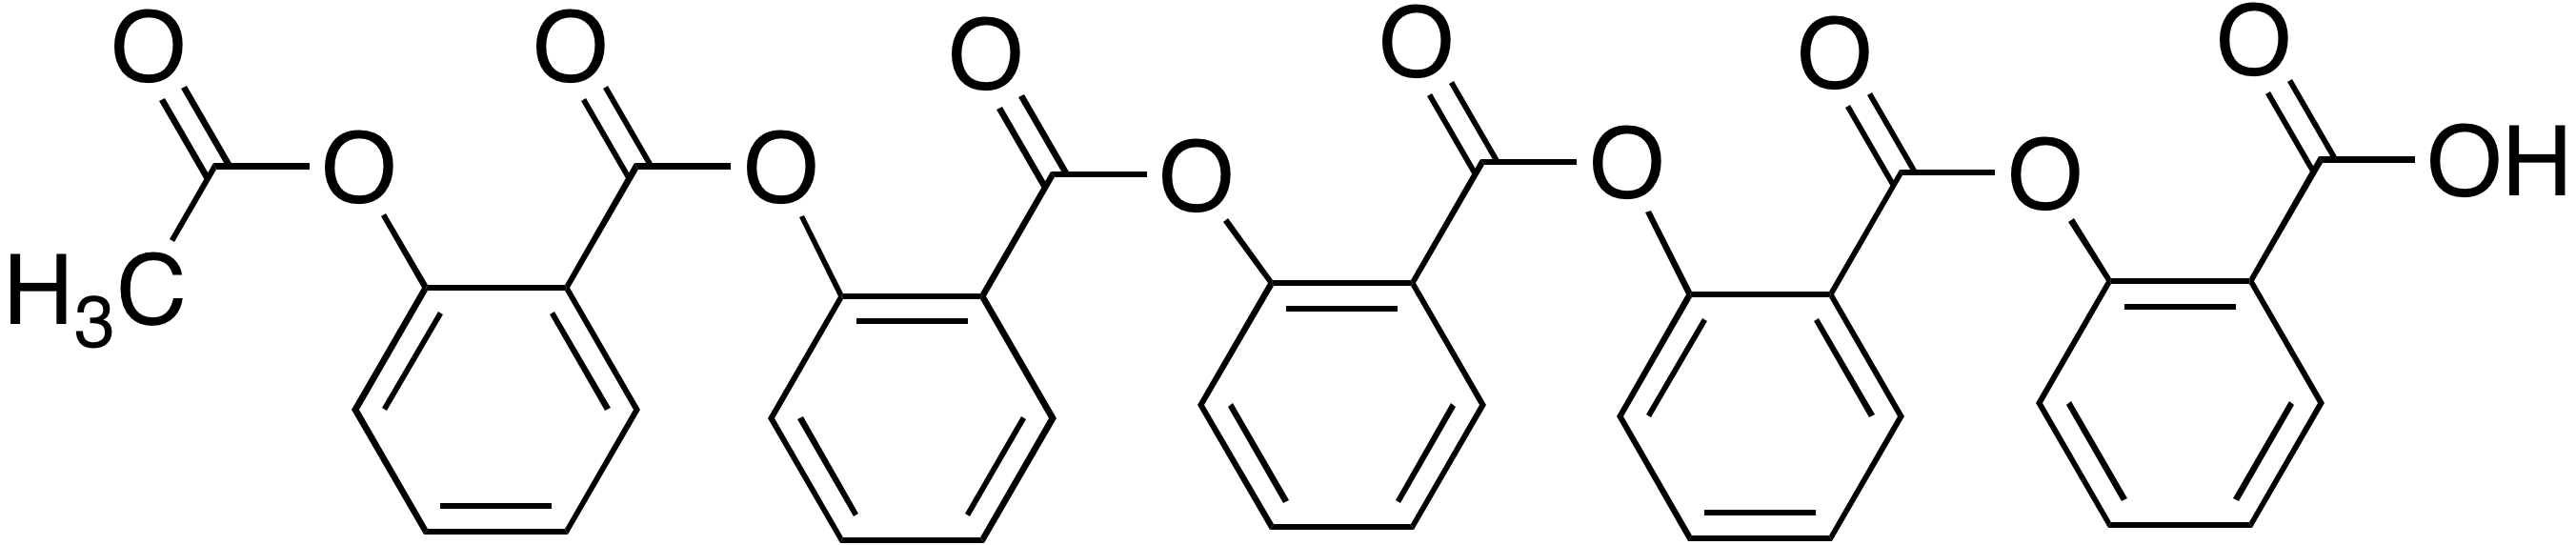 2-[[2-[[2-(Acetyloxy)benzoyl]oxy]benzoyl]oxy]benzoic acid 2-[(2-carboxyphenoxy)carbonyl]phenyl ester